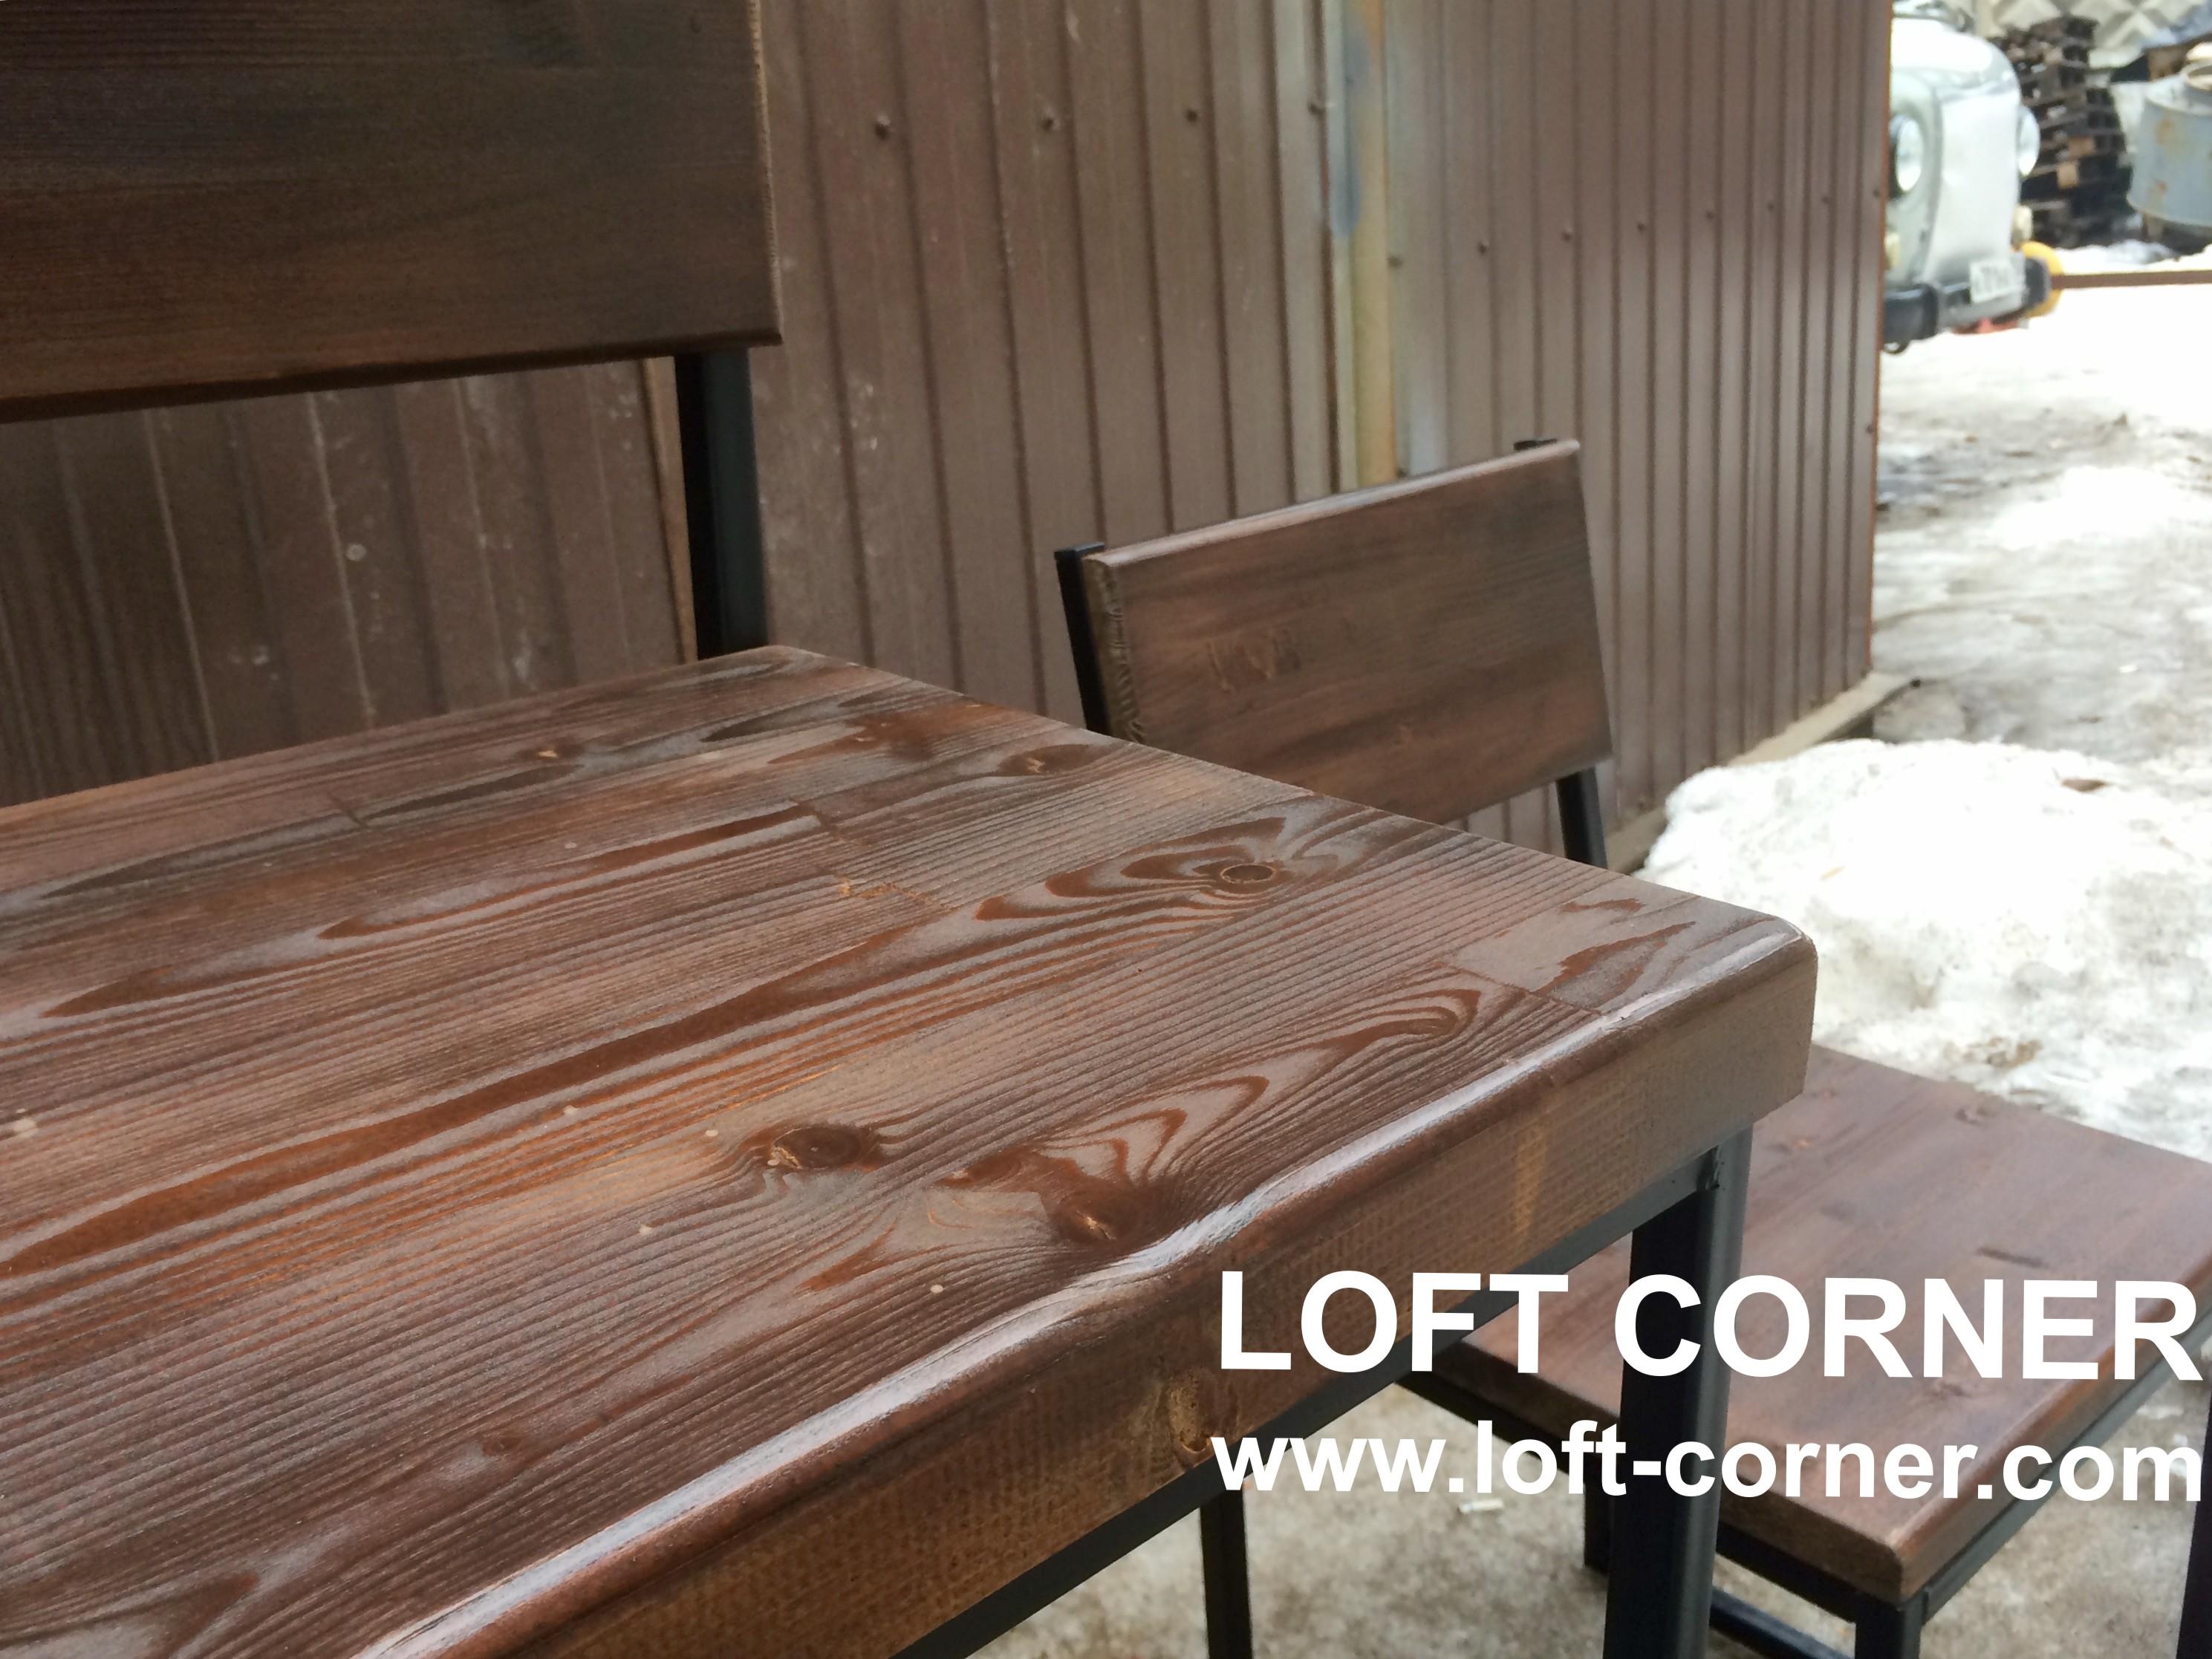 Барная мебель индастриал лофт, ресторанная мебель, производство мебели лофт, барные столы